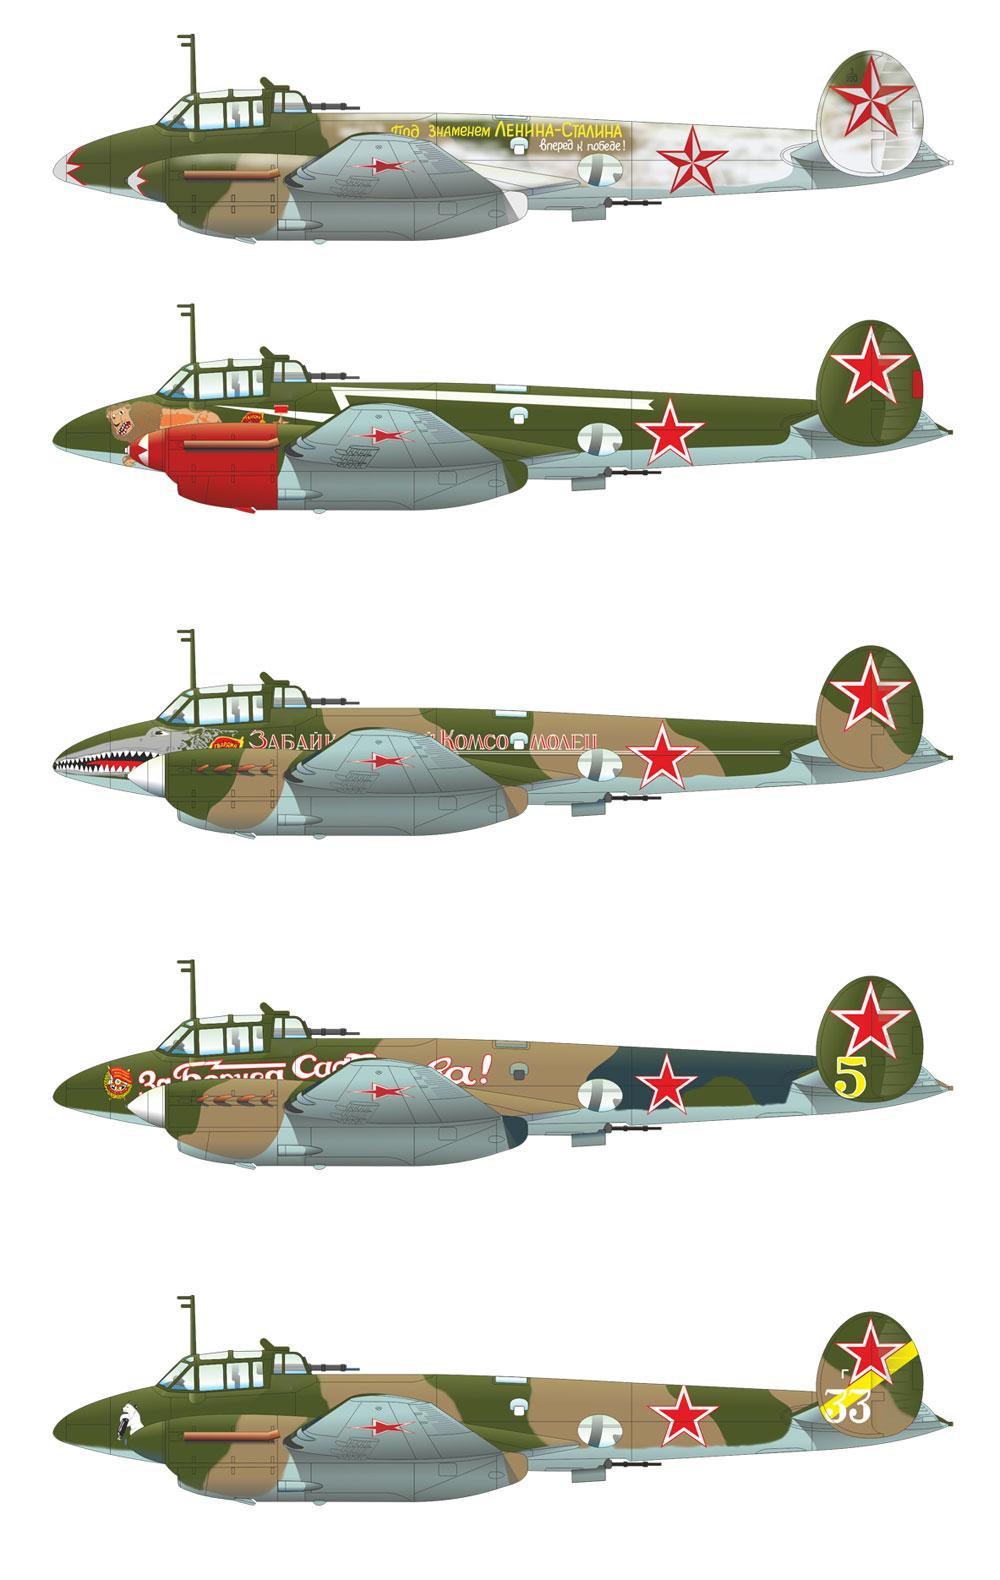 ペトリャコーフ Pe-2FT ペシュカプラモデル(エデュアルド1/48 リミテッドエディションNo.11112)商品画像_3